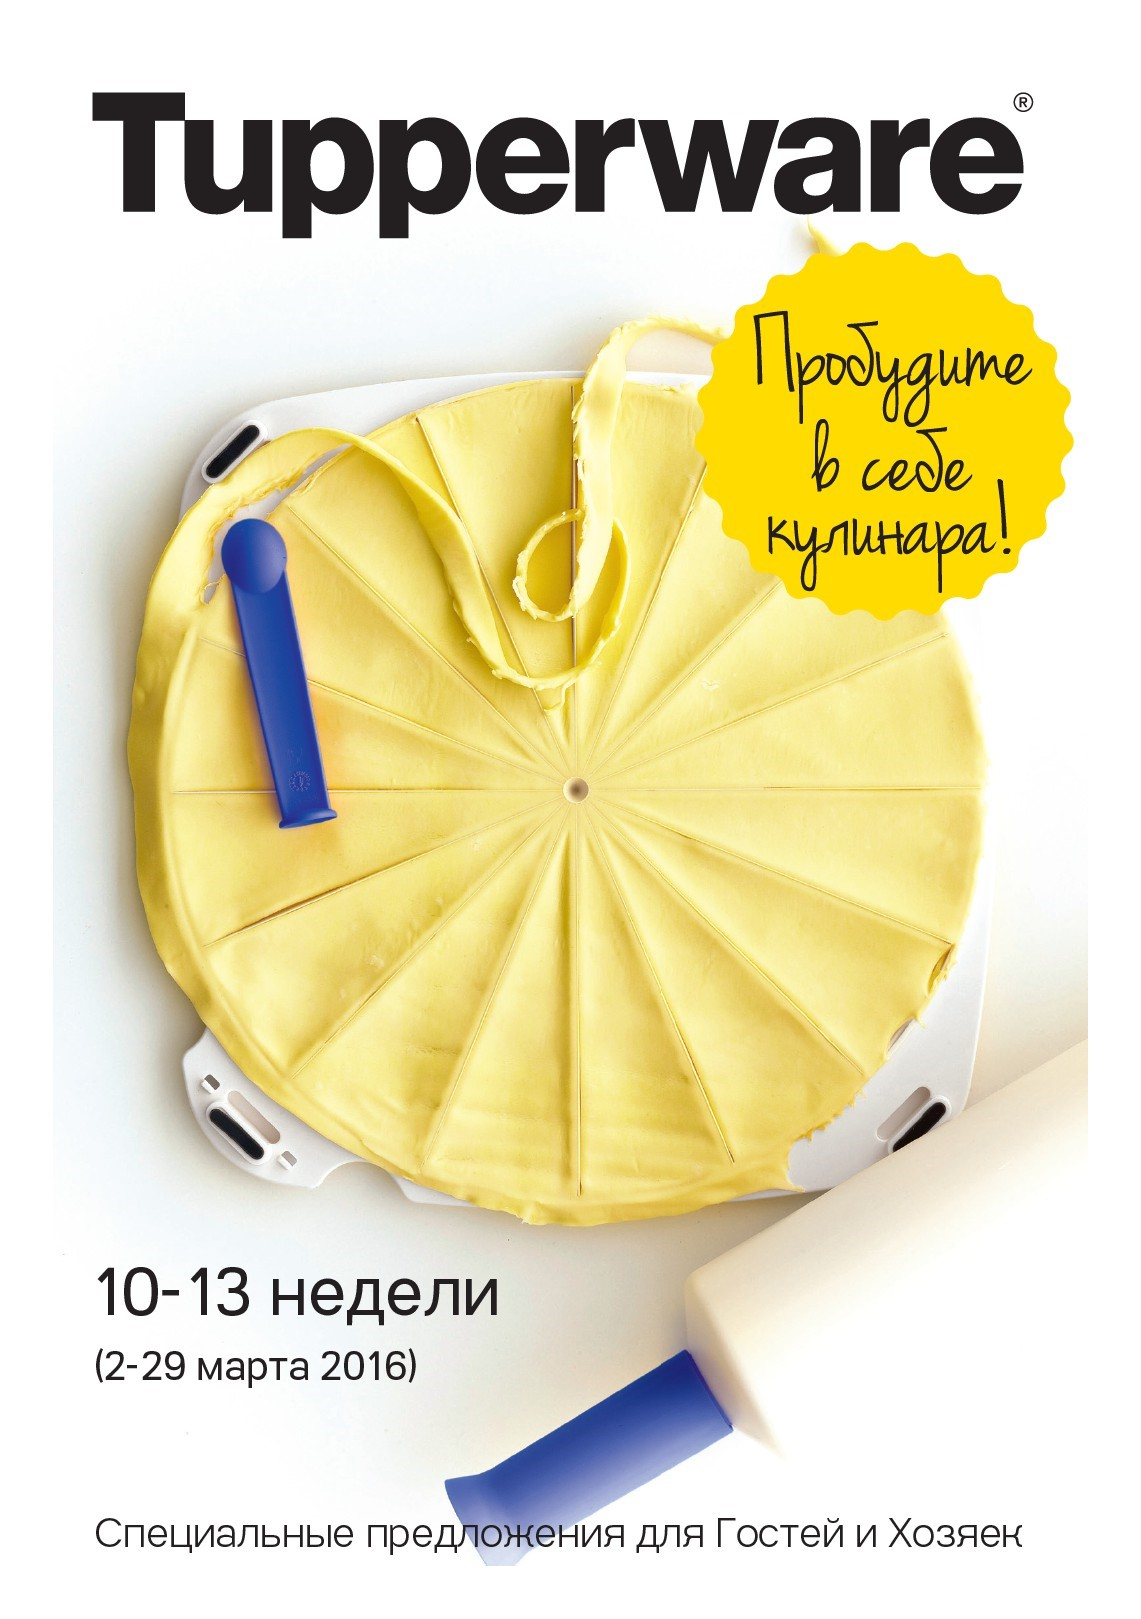 Сбор заказов. Tapperware - уникальная посуда для вашей кухни-20. Пробуди в себе кулинара! Распродажа